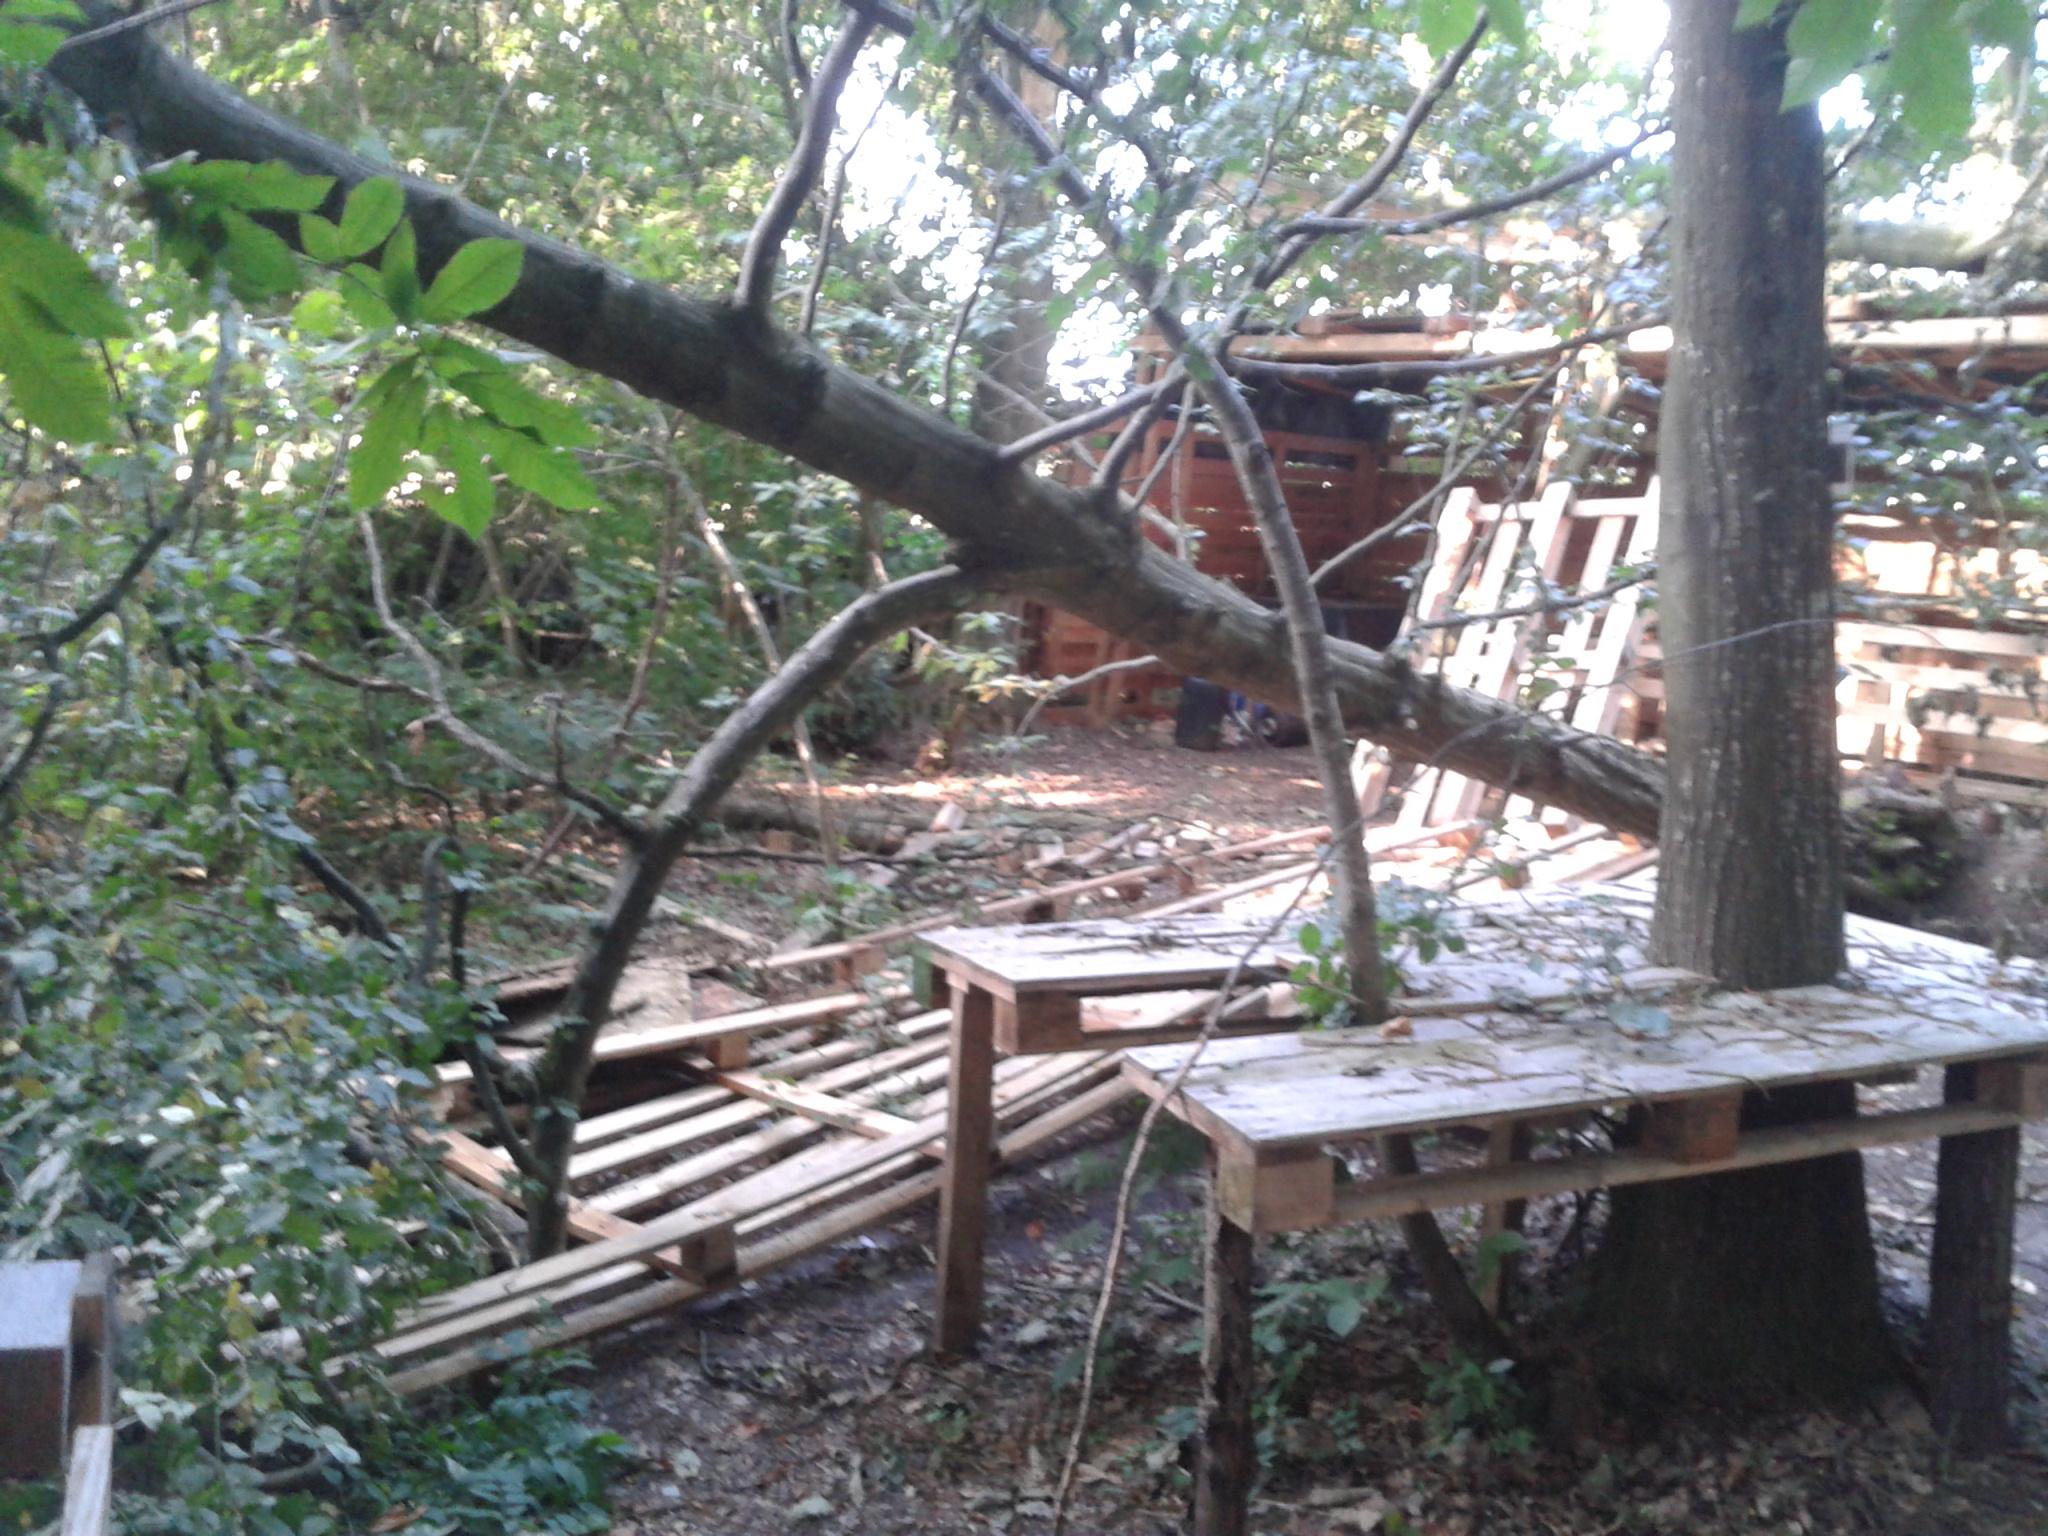 La Garenne SAMEDI 24 Aout 2013  Annulée refection Terrain cause intempérie arbres cassés 2013-08-08-19.12.33-401c0db